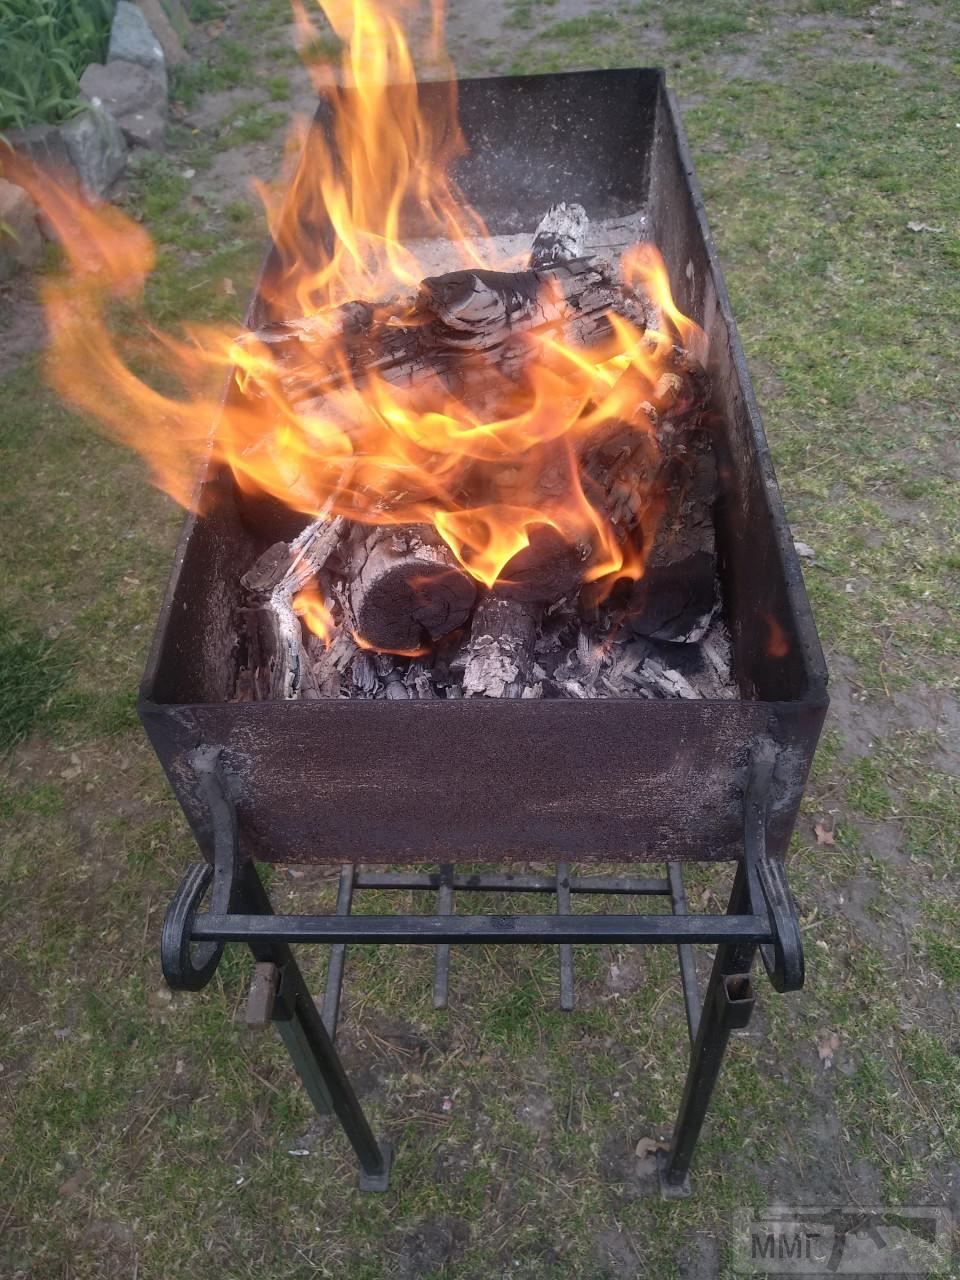 99287 - Закуски на огне (мангал, барбекю и т.д.) и кулинария вообще. Советы и рецепты.